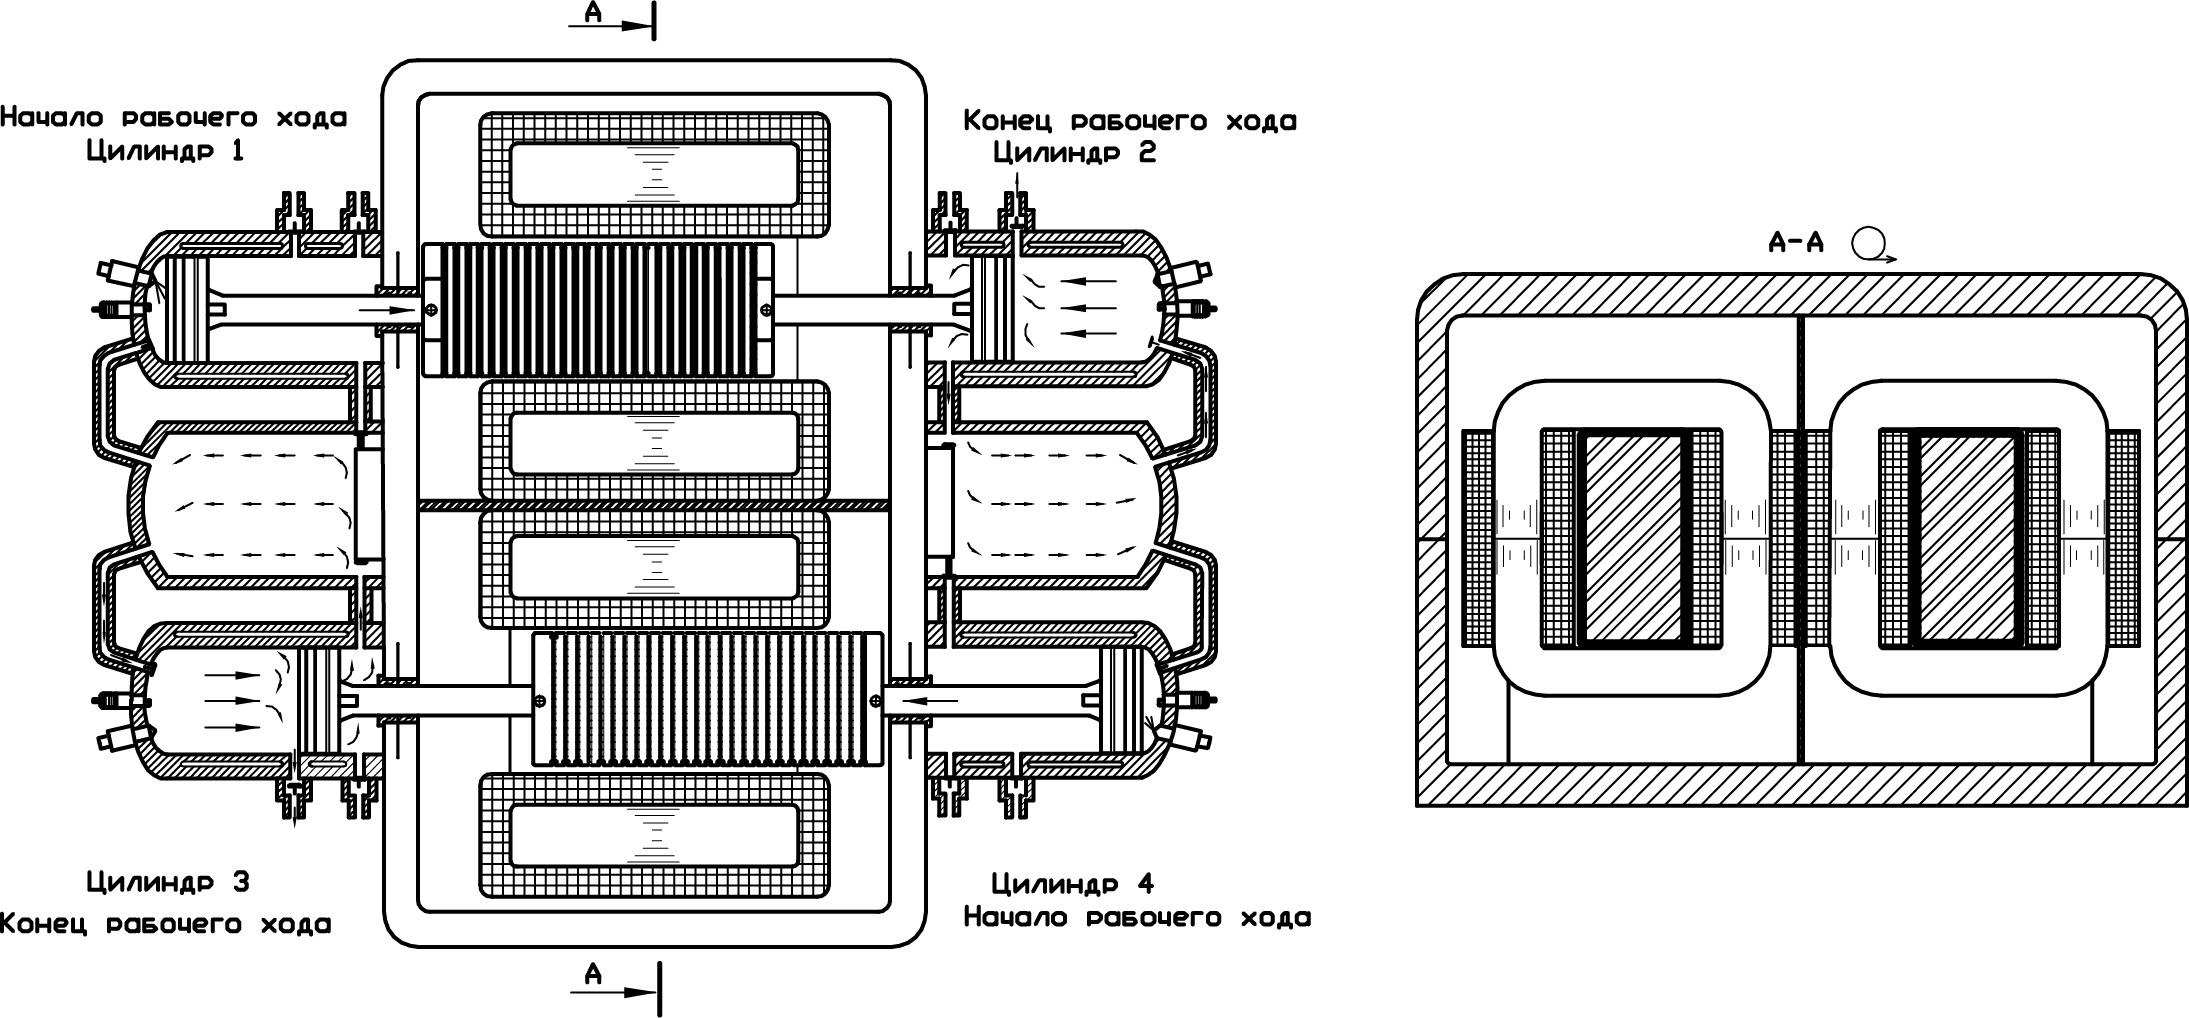 Двухтактный четырехцилиндровый оппозитный ДВС с двумя ресиверами и двумя генераторами. В качестве статоров генераторов использованы стержневые магнитопровода